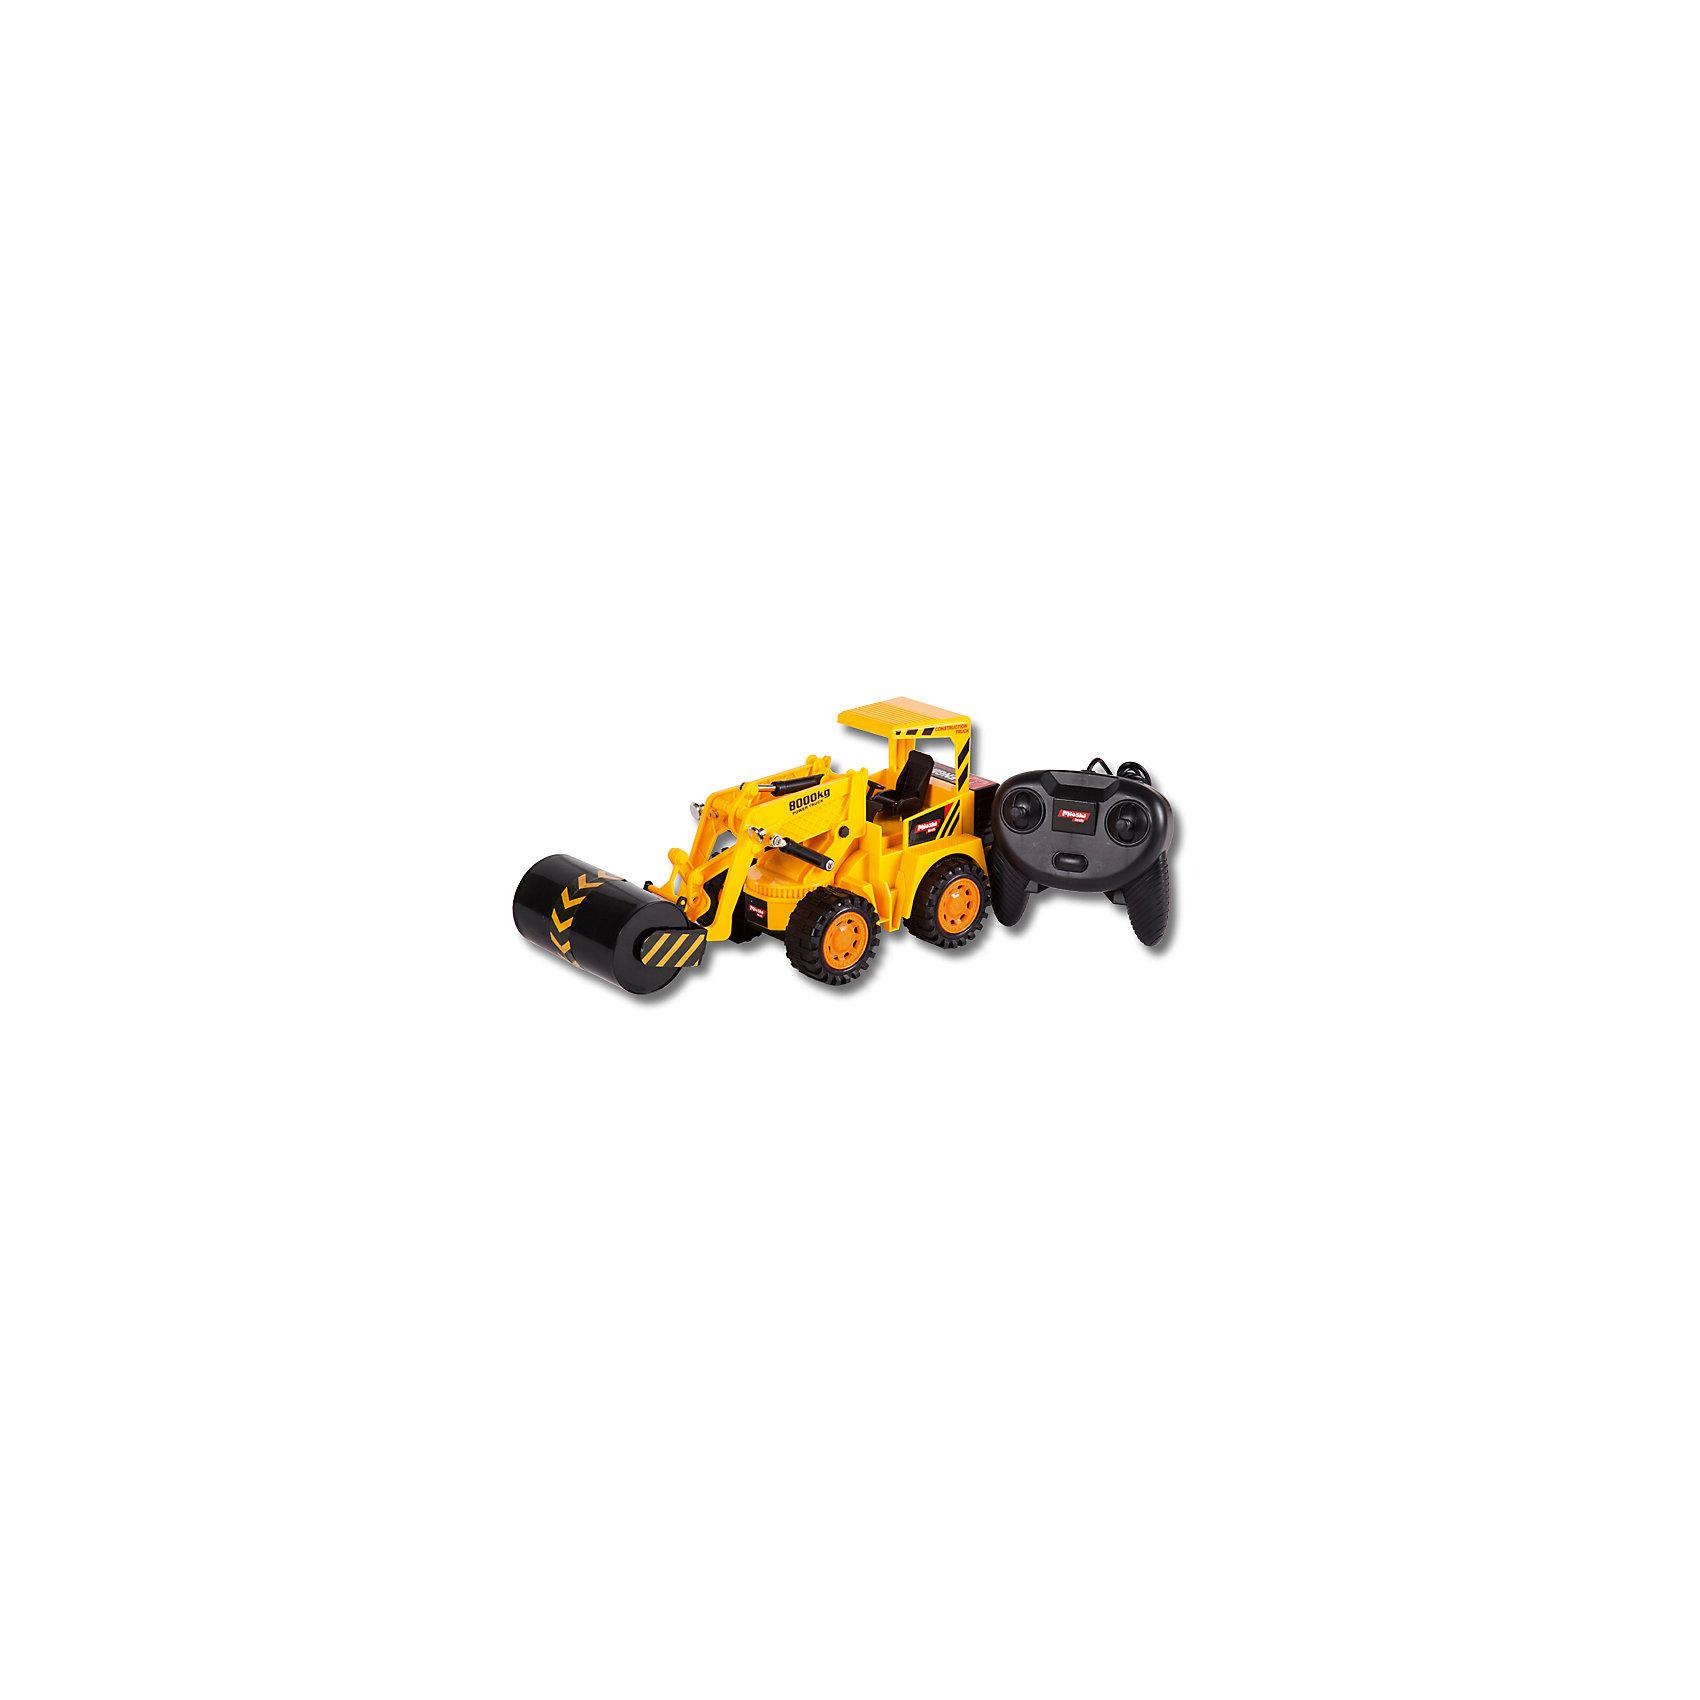 Каток, проводное управление, Mioshi TechИдеи подарков<br>Характеристики товара:<br><br>• возраст от 6 лет;<br>• материал: пластик;<br>• в комплекте: каток, проводной пульт;<br>• пульт работает от 3 батареек АА (в комплект не входят);<br>• длина игрушки 30 см;<br>• длина провода 1,5 метра;<br>• размер упаковки 33х13,5х15 см;<br>• вес упаковки 602 гр.;<br>• страна производитель: Китай.<br><br>Каток Mioshi Tech — увлекательная игрушка, которая управляется проводным пультом. Каток укладывает и разравнивает грунт для новой дороги. Машина может ездить в разных направлениях. Валик кружится, изображая строительные работы. Игрушка изготовлена из качественного безопасного пластика.<br><br>Каток Mioshi Tech проводное управление можно приобрести в нашем интернет-магазине.<br><br>Ширина мм: 330<br>Глубина мм: 135<br>Высота мм: 150<br>Вес г: 602<br>Возраст от месяцев: 72<br>Возраст до месяцев: 2147483647<br>Пол: Мужской<br>Возраст: Детский<br>SKU: 5581257